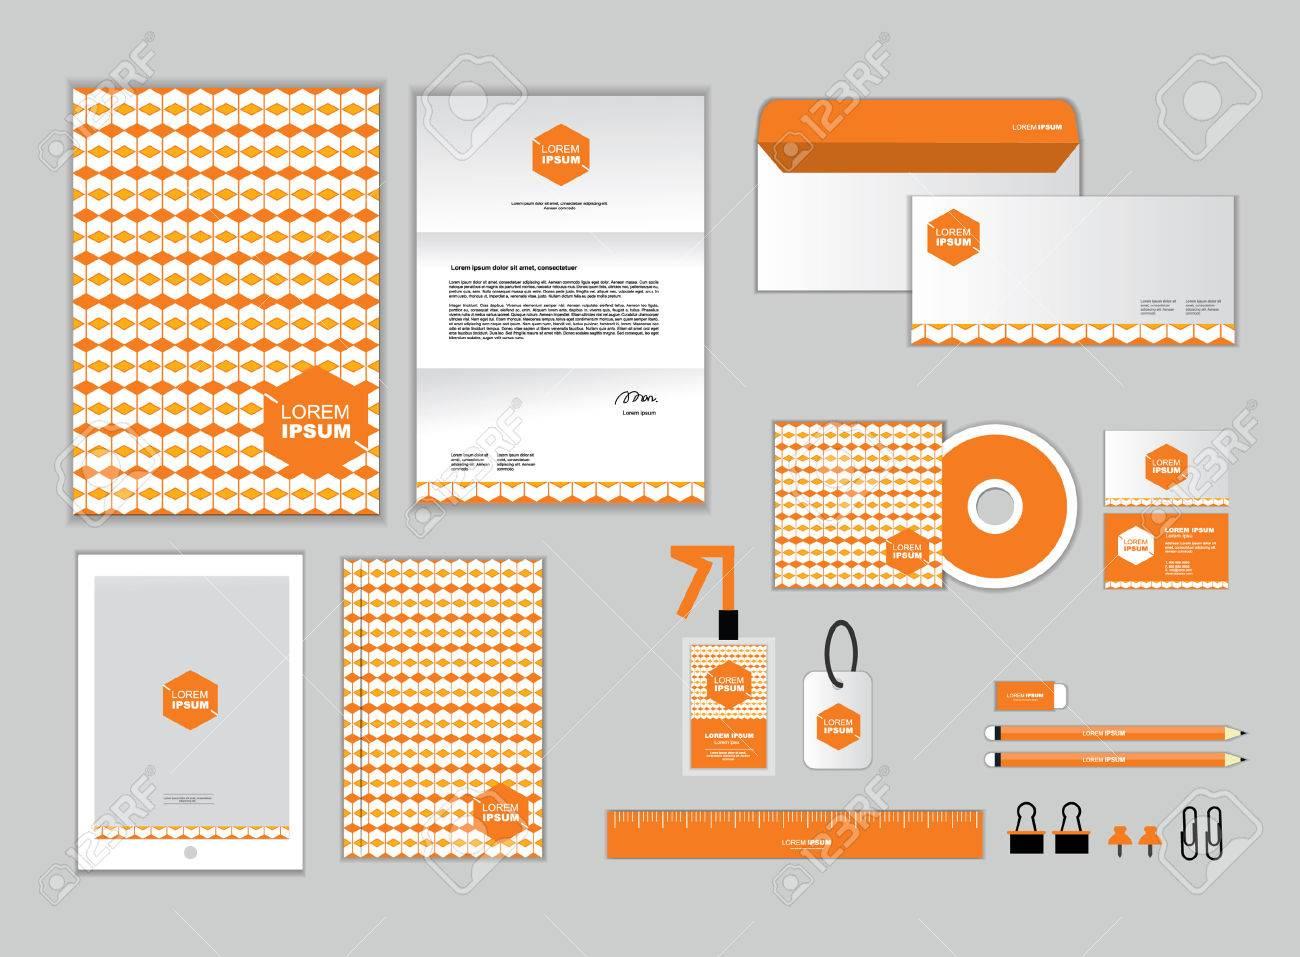 Corporate Identity Vorlage Enthält CD Cover, Visitenkarte, Ordner ...